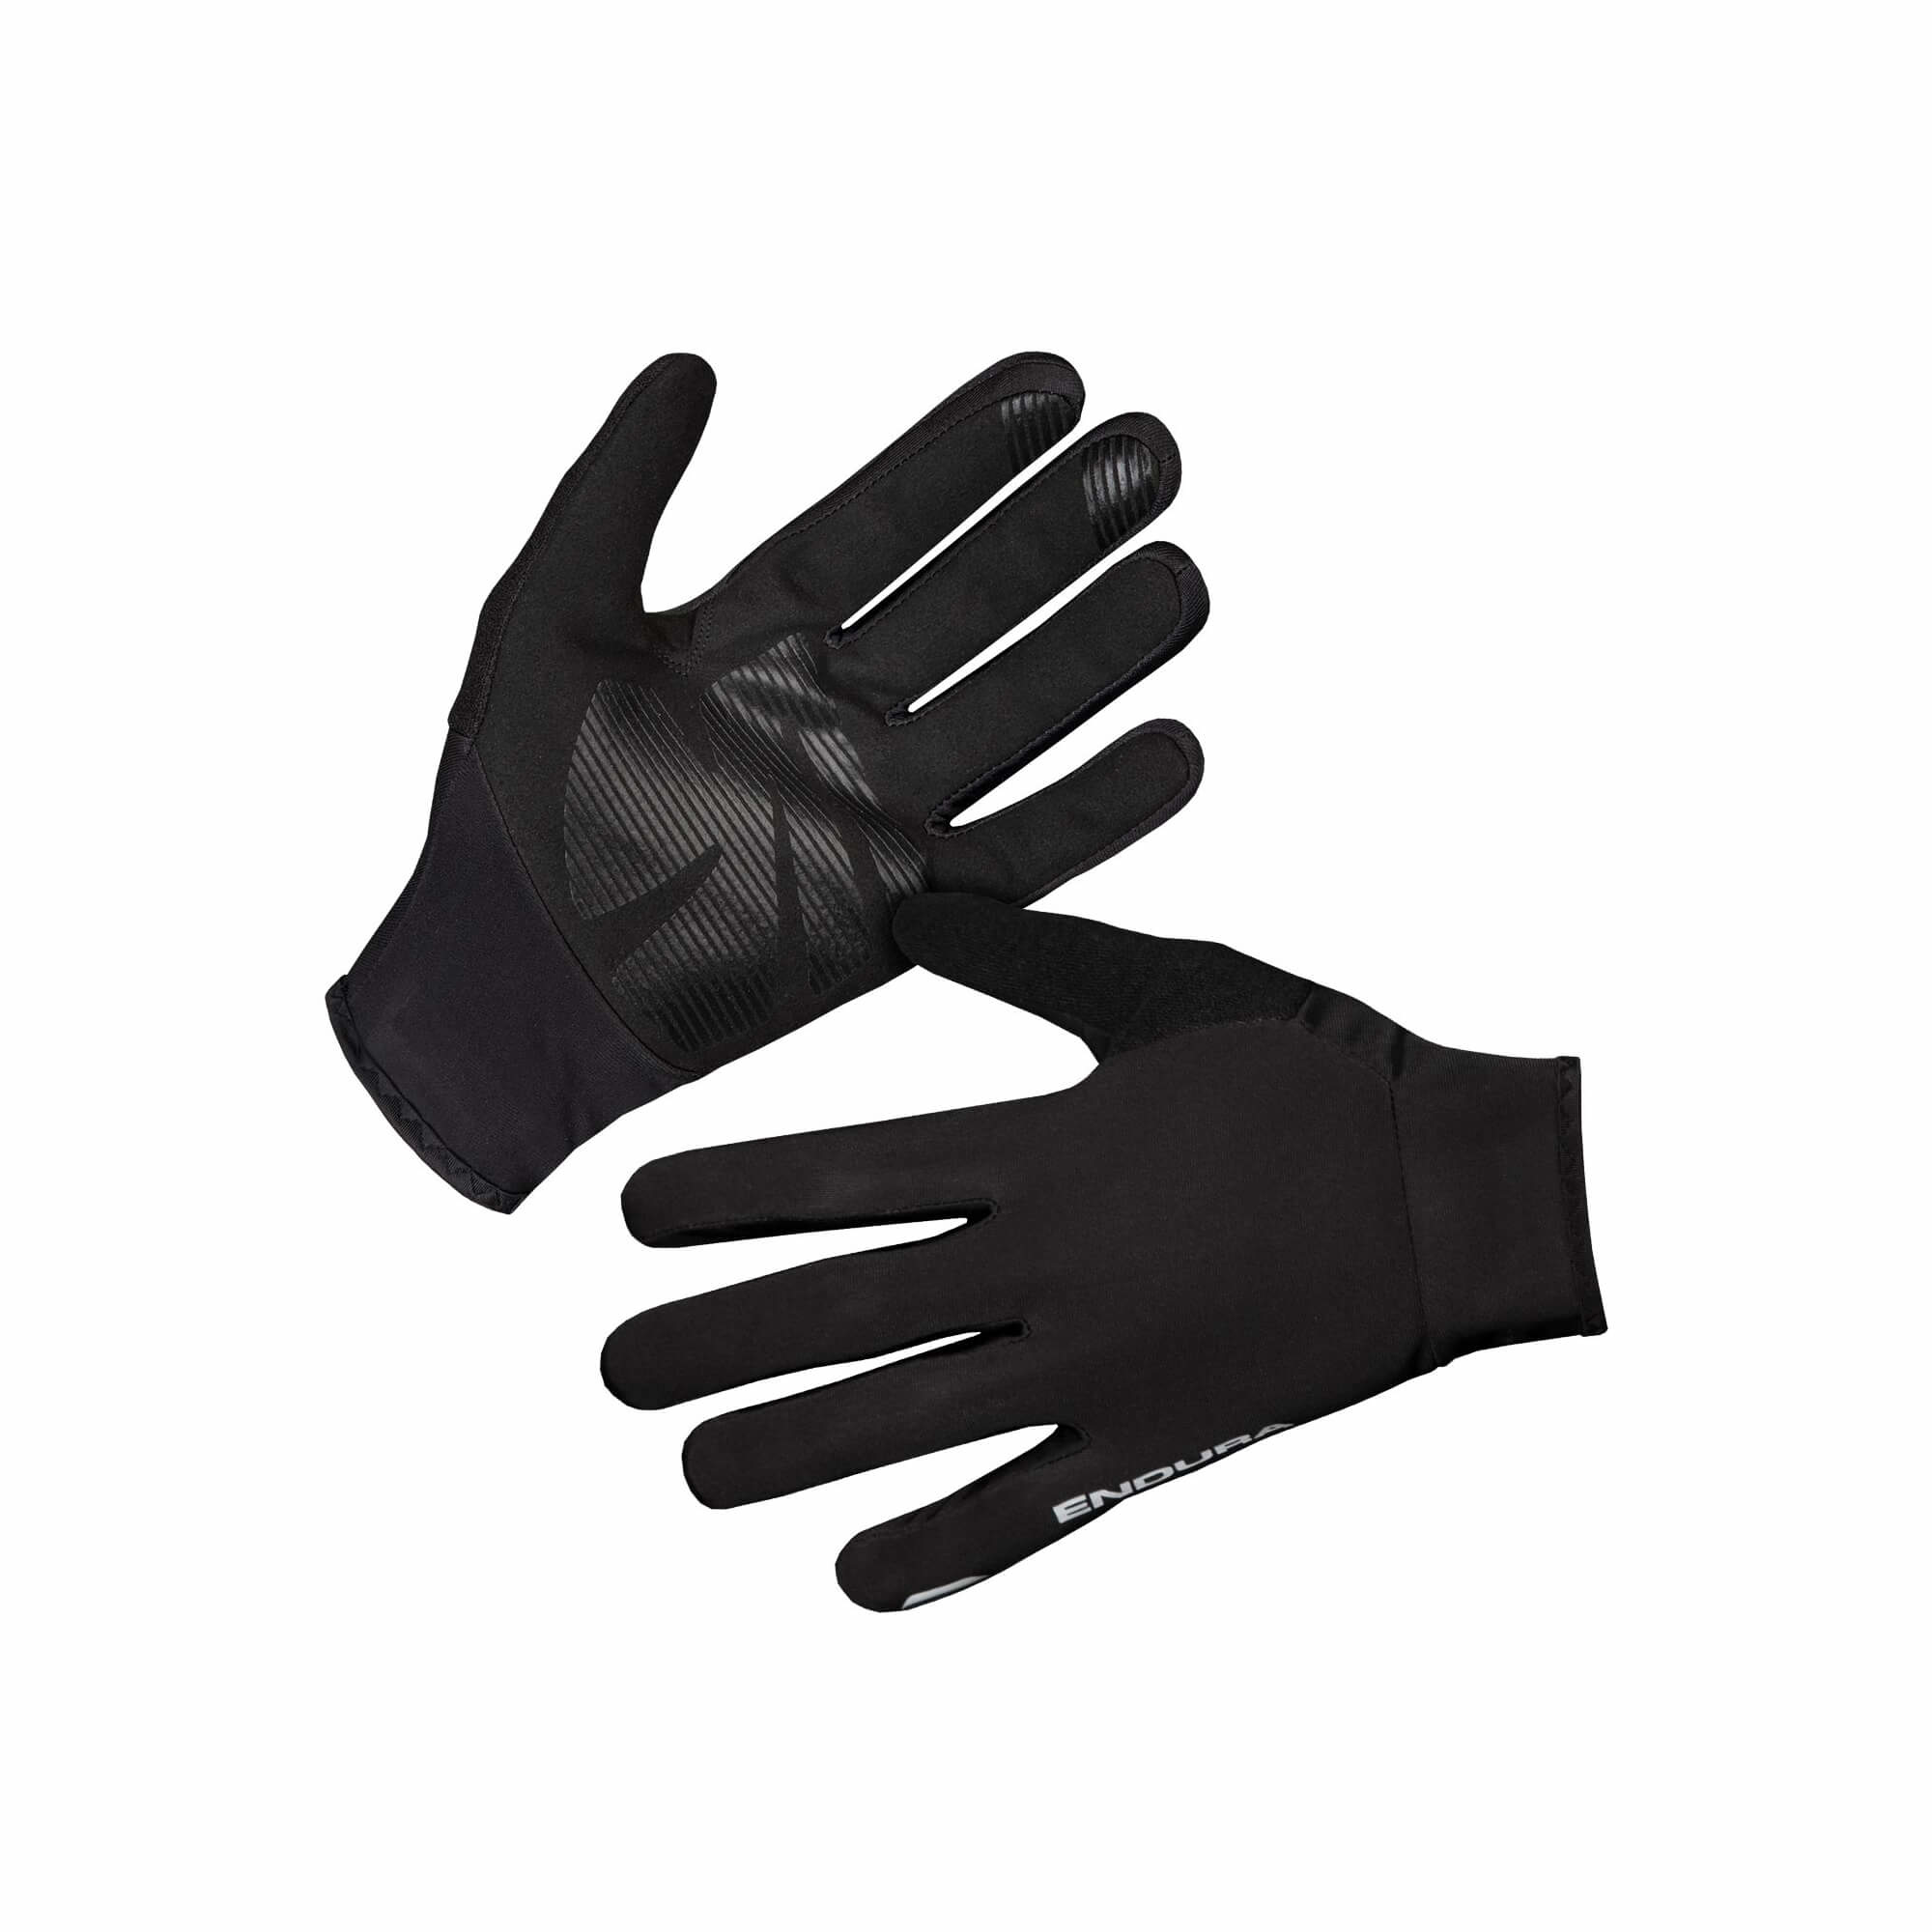 FS260 Pro Thermo Glove-1